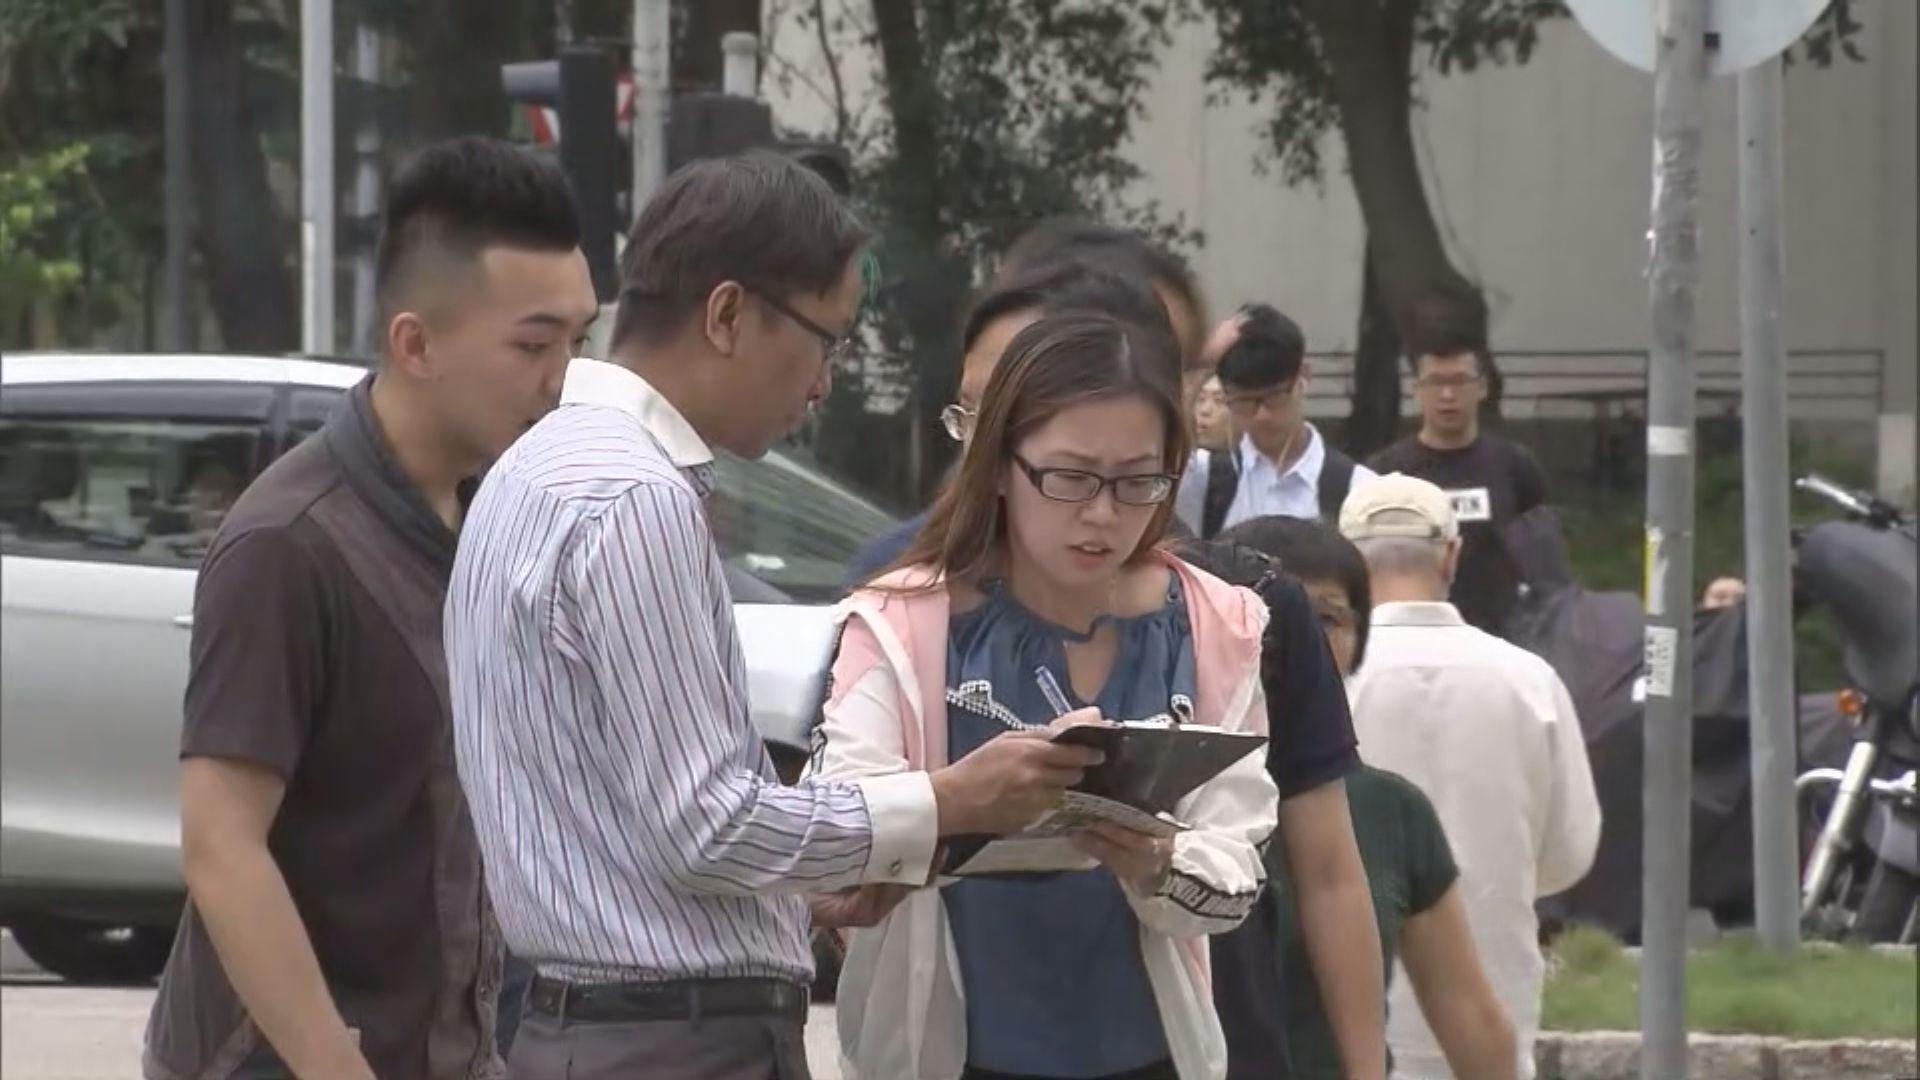 團體收集簽名要求減少大橋旅客人數